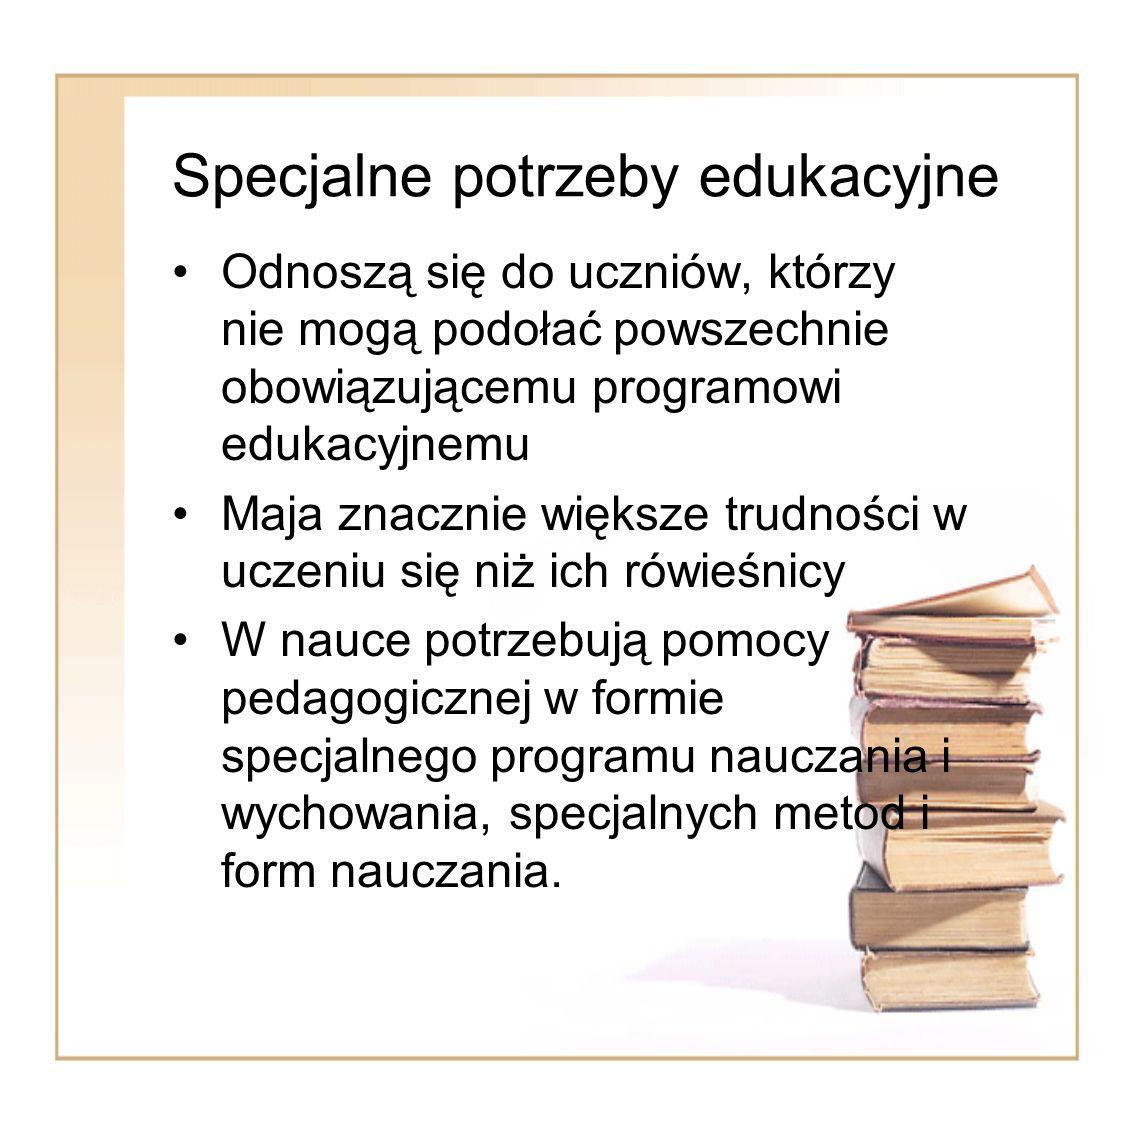 Zadania szczegółowe Pomoc psychologiczno- pedagogiczna poprzez : 1) diagnozowanie poziomu rozwoju, potrzeb i możliwości, zaburzeń rozwojowych i zachowań dysfunkcyjnych dzieci i młodzieży, w tym: a) predyspozycji i uzdolnień; b) przyczyn niepowodzeń szkolnych; c) specyficznych trudności w uczeniu się; 2) wydawanie opinii i orzeczeń;